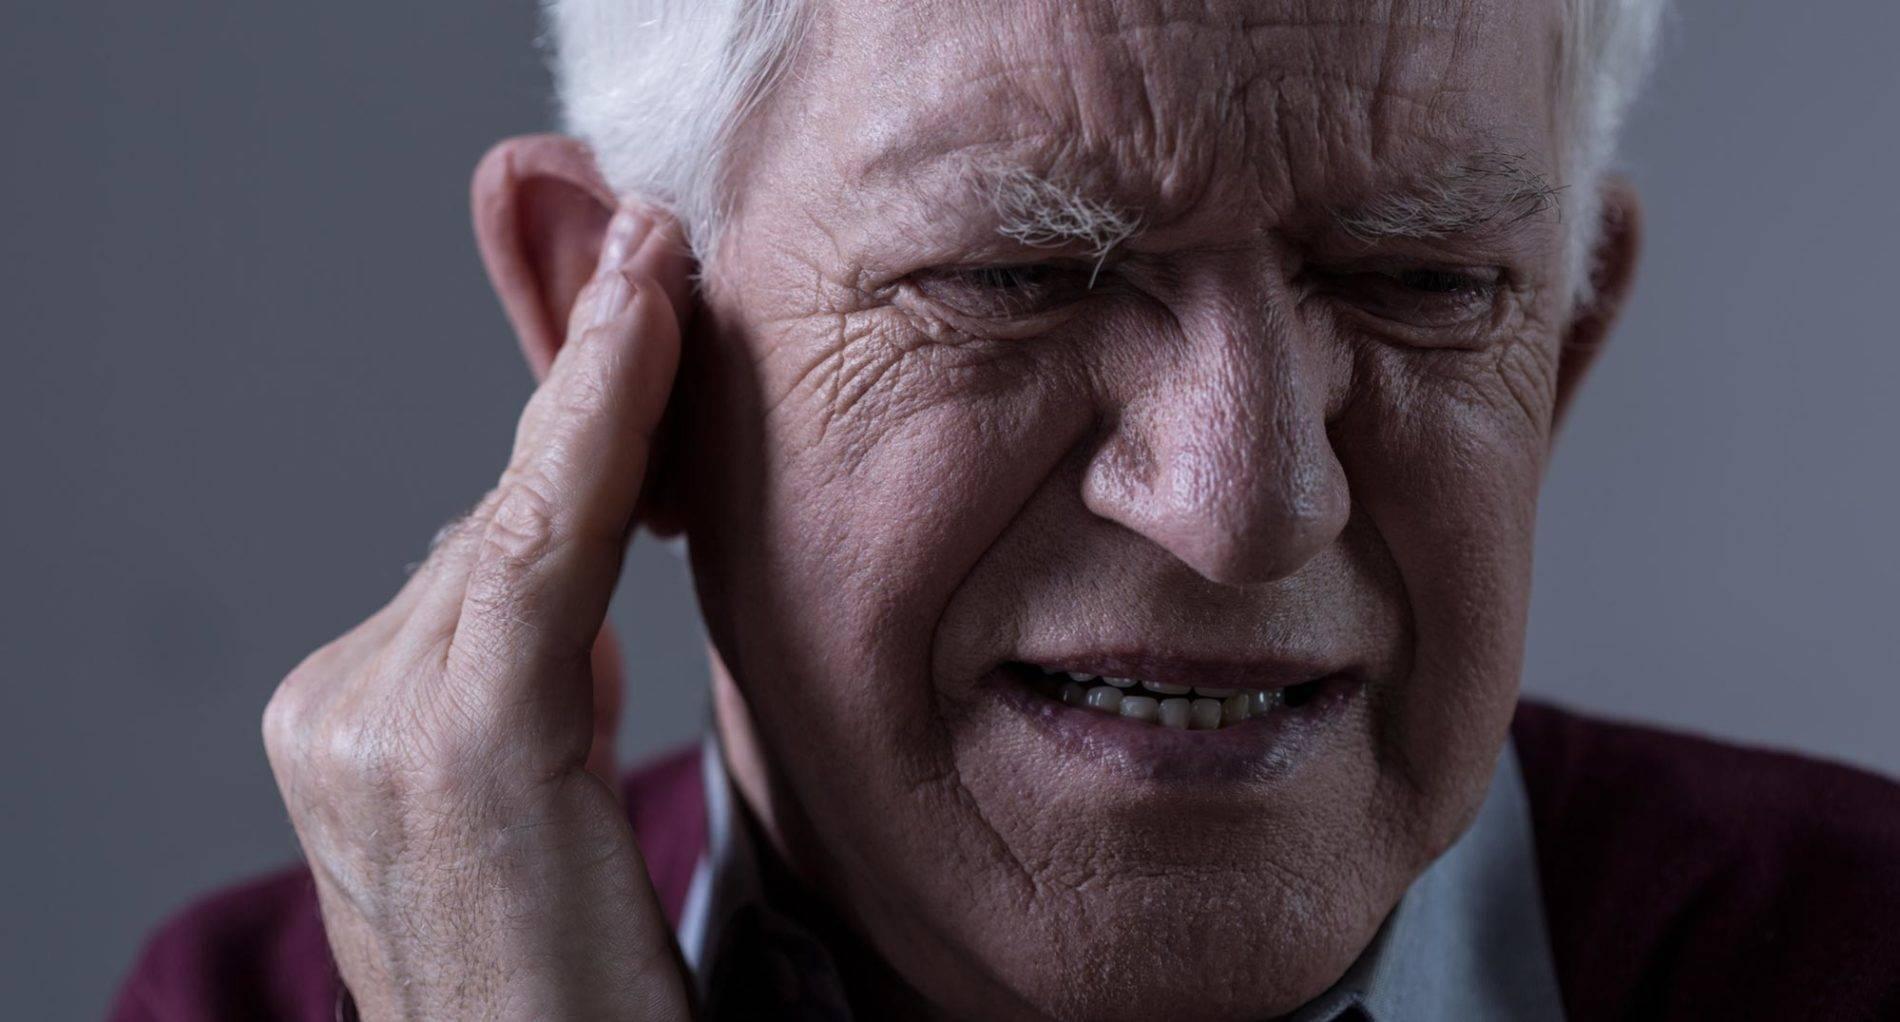 Шум в голове и ушах: причины, как от него избавиться медикаментами, а когда нужна операция